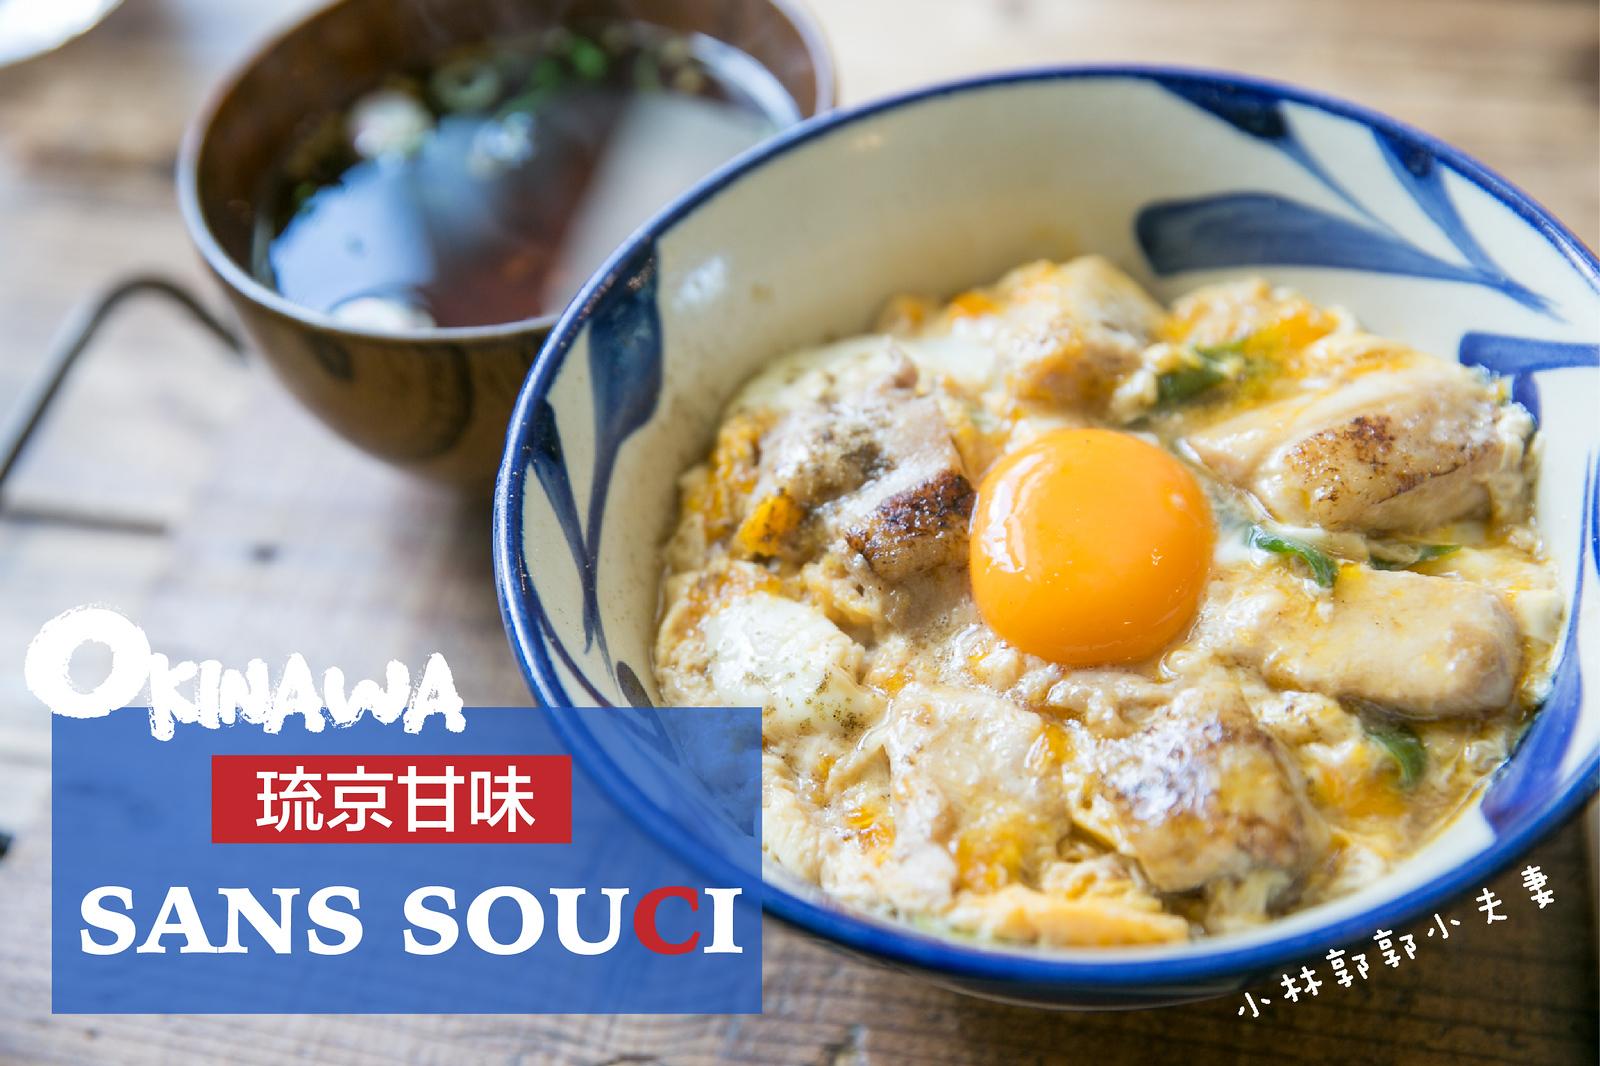 沖繩好吃:SANS SOUCI 超可愛雜貨風親子丼&銷魂烏龍麵